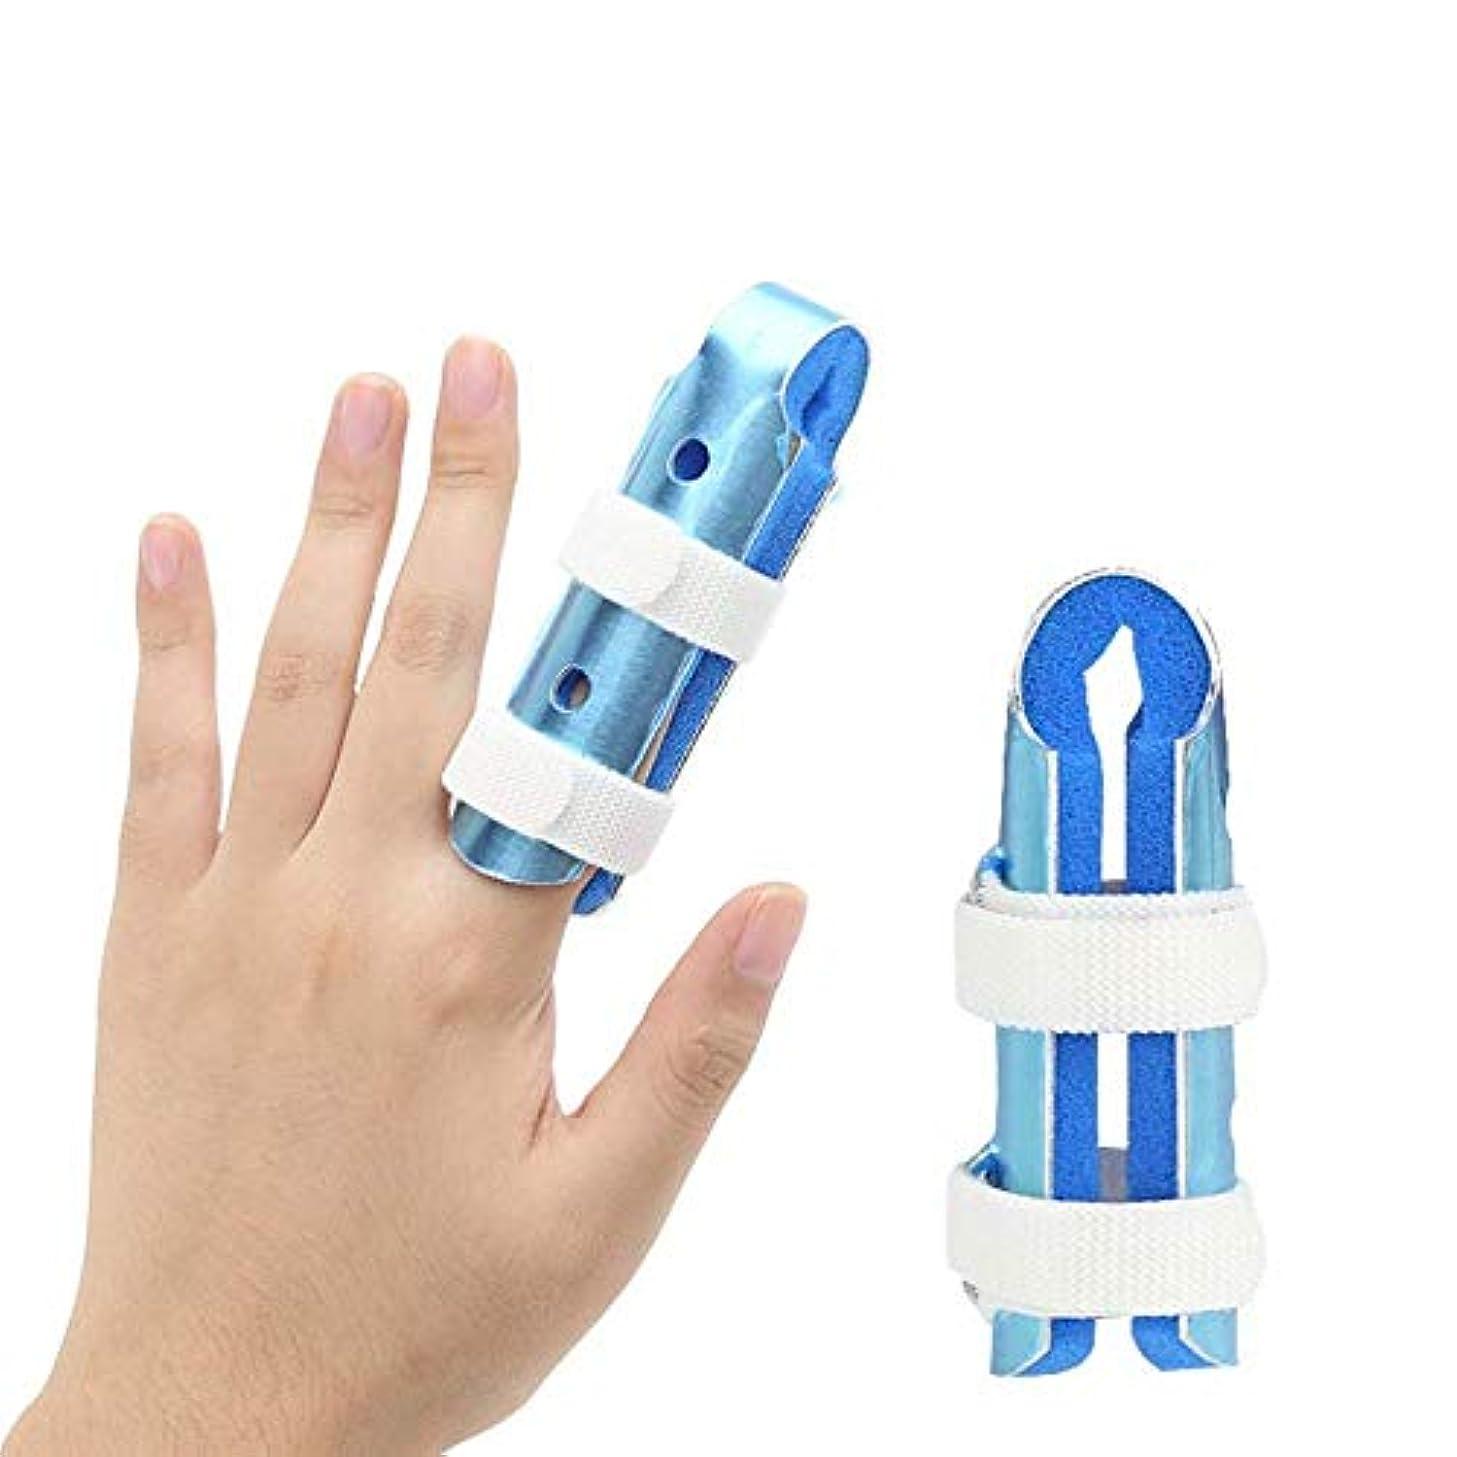 暫定の上記の頭と肩柔らかい指の損傷のサポート、トリガーフィンガースプリントの動きフィンガージョイント装具クラッシュプロテクター,8CM